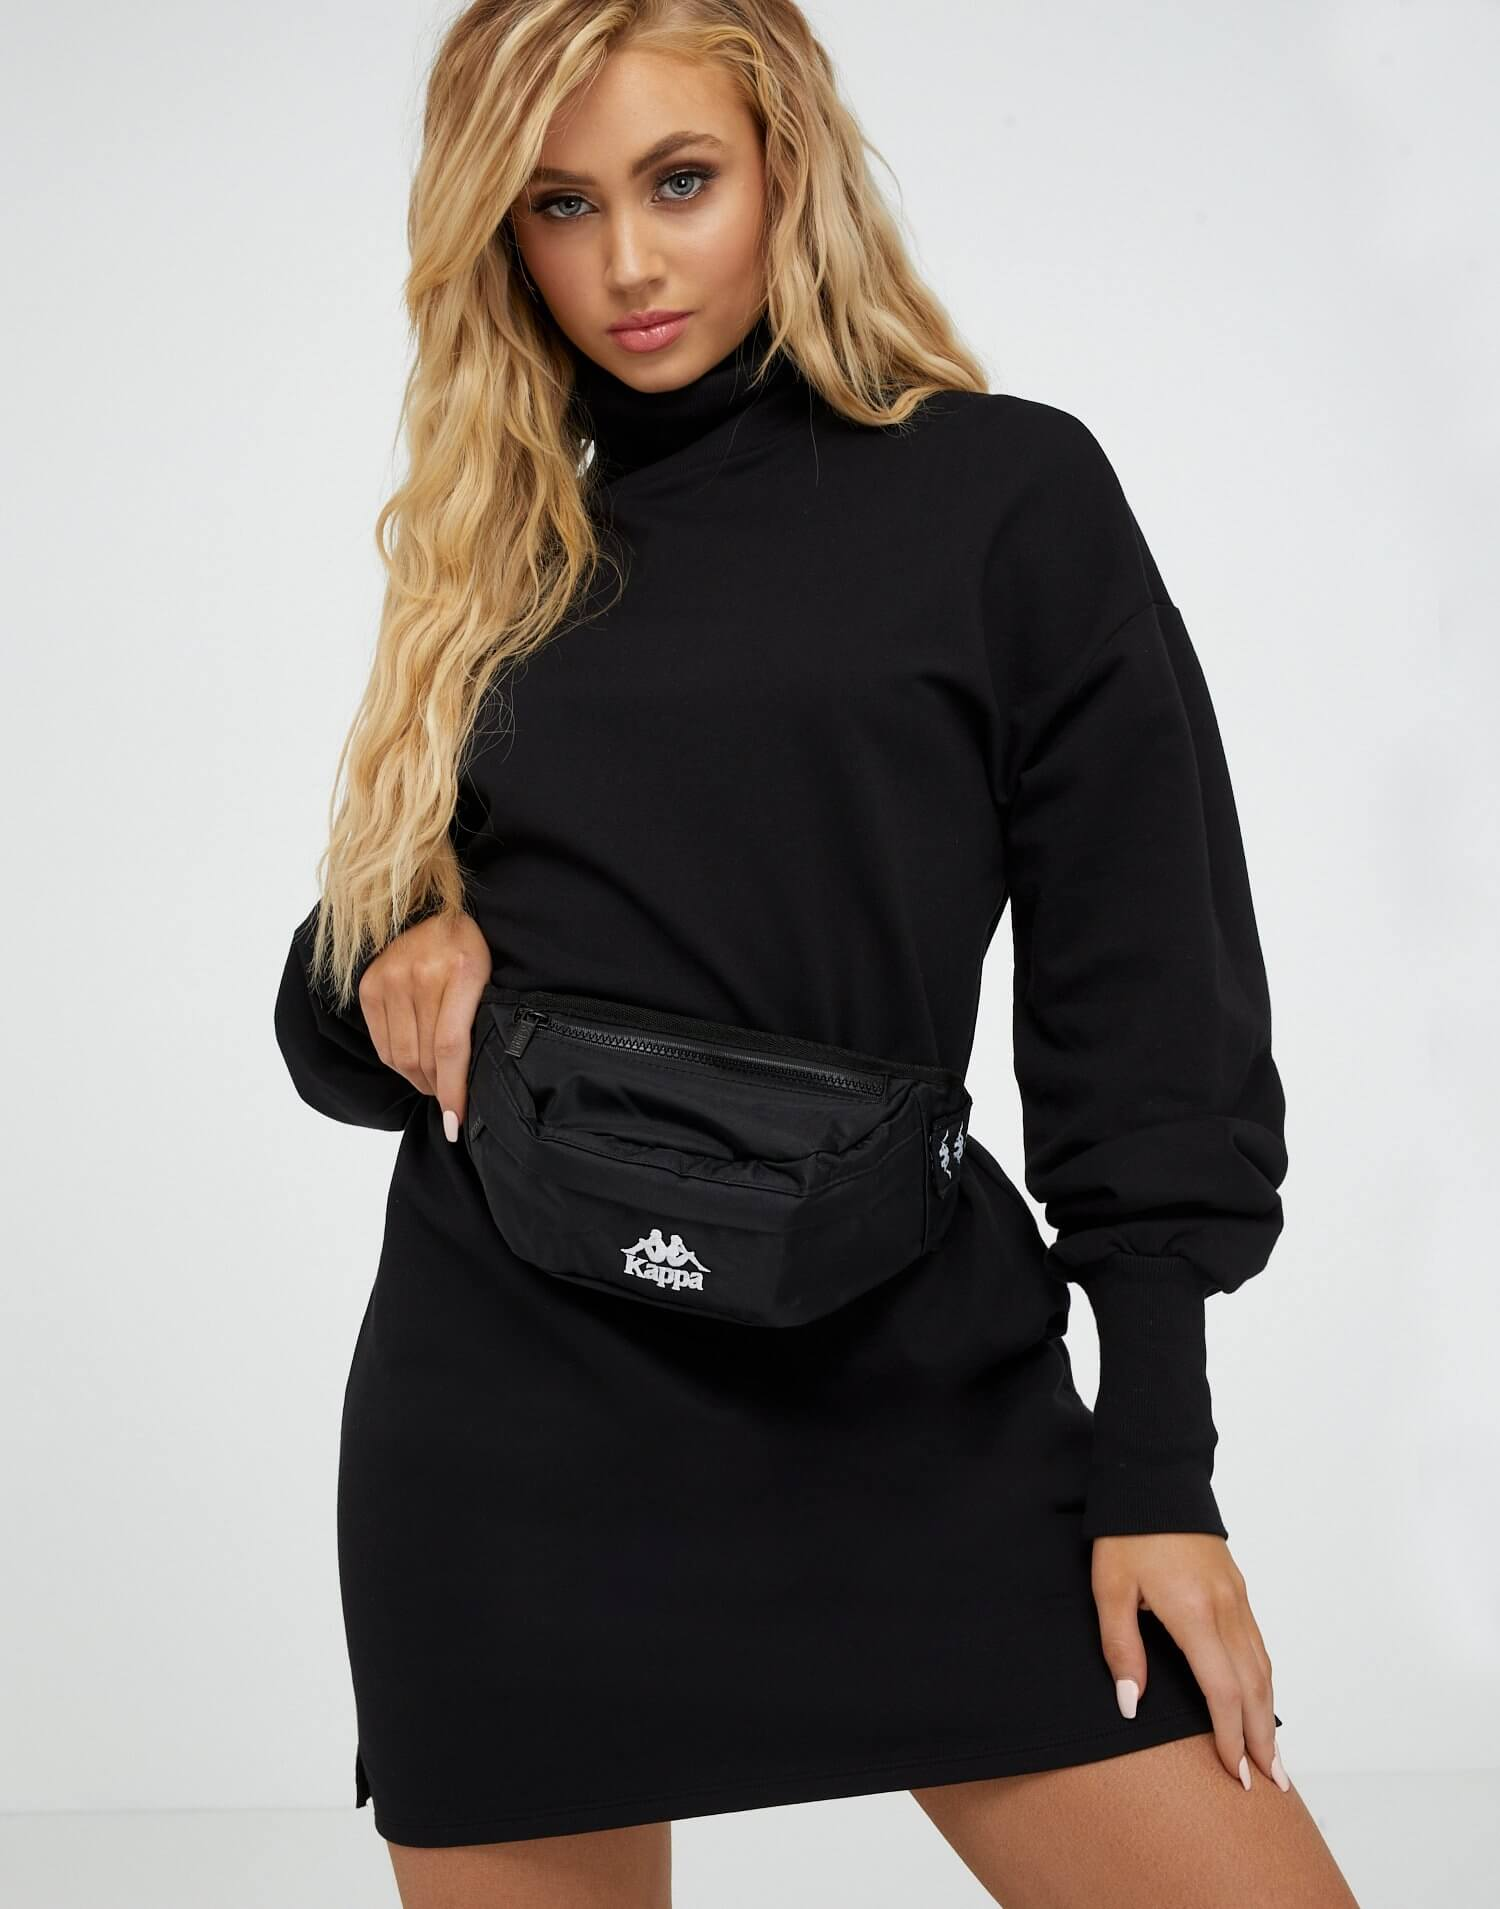 Svart magväska från Kappa i svart med vit logotyp fram. Två fack med dragkedja och justerbart band.